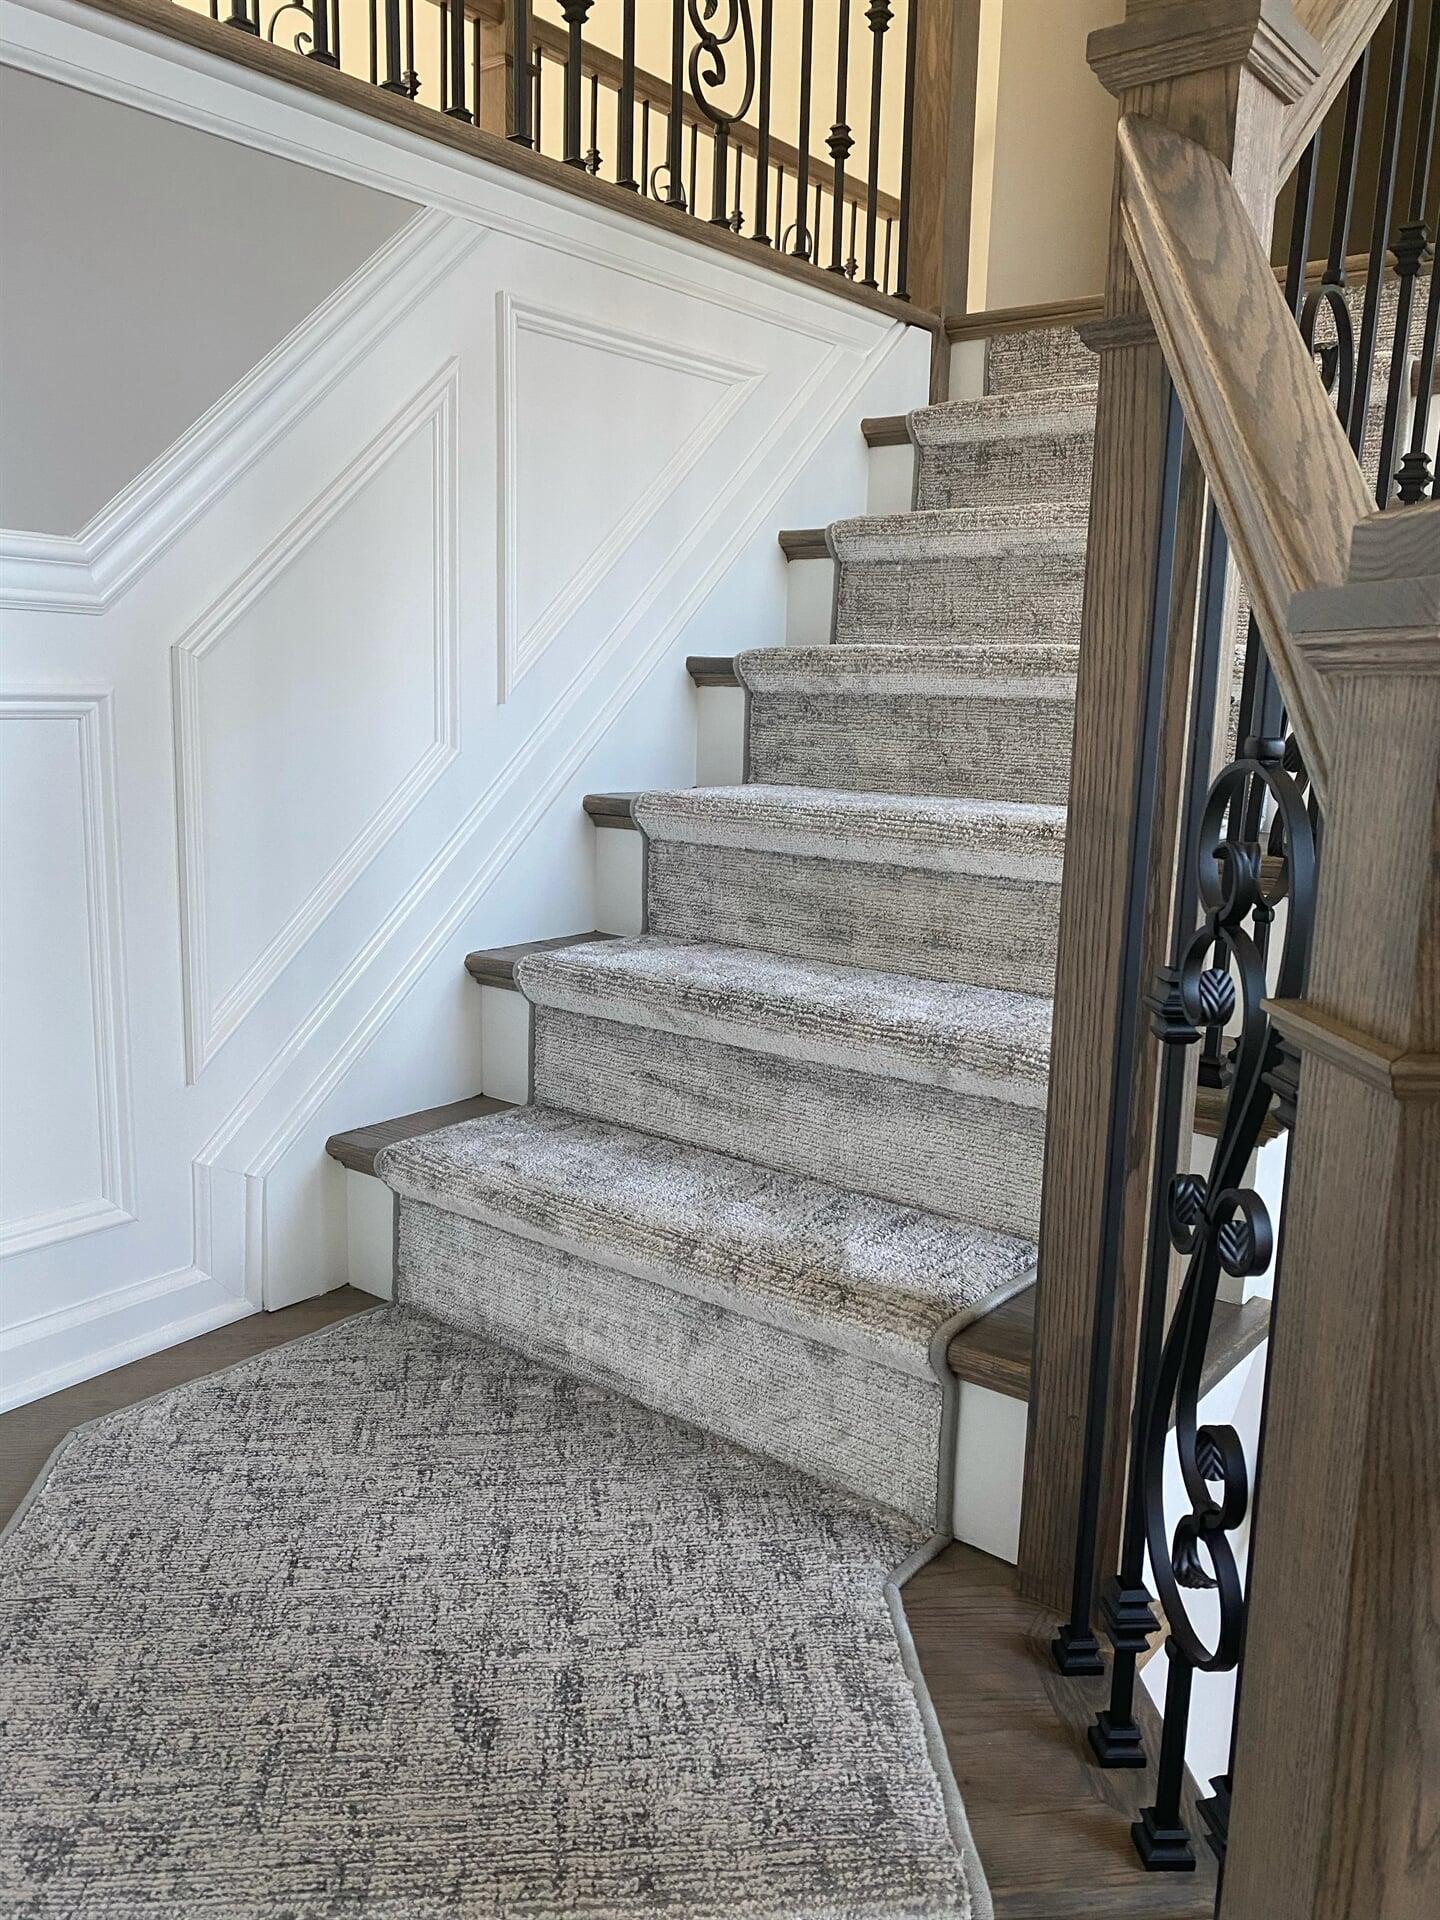 Carpet stair runner in Marlboro, NJ from Carpet Yard